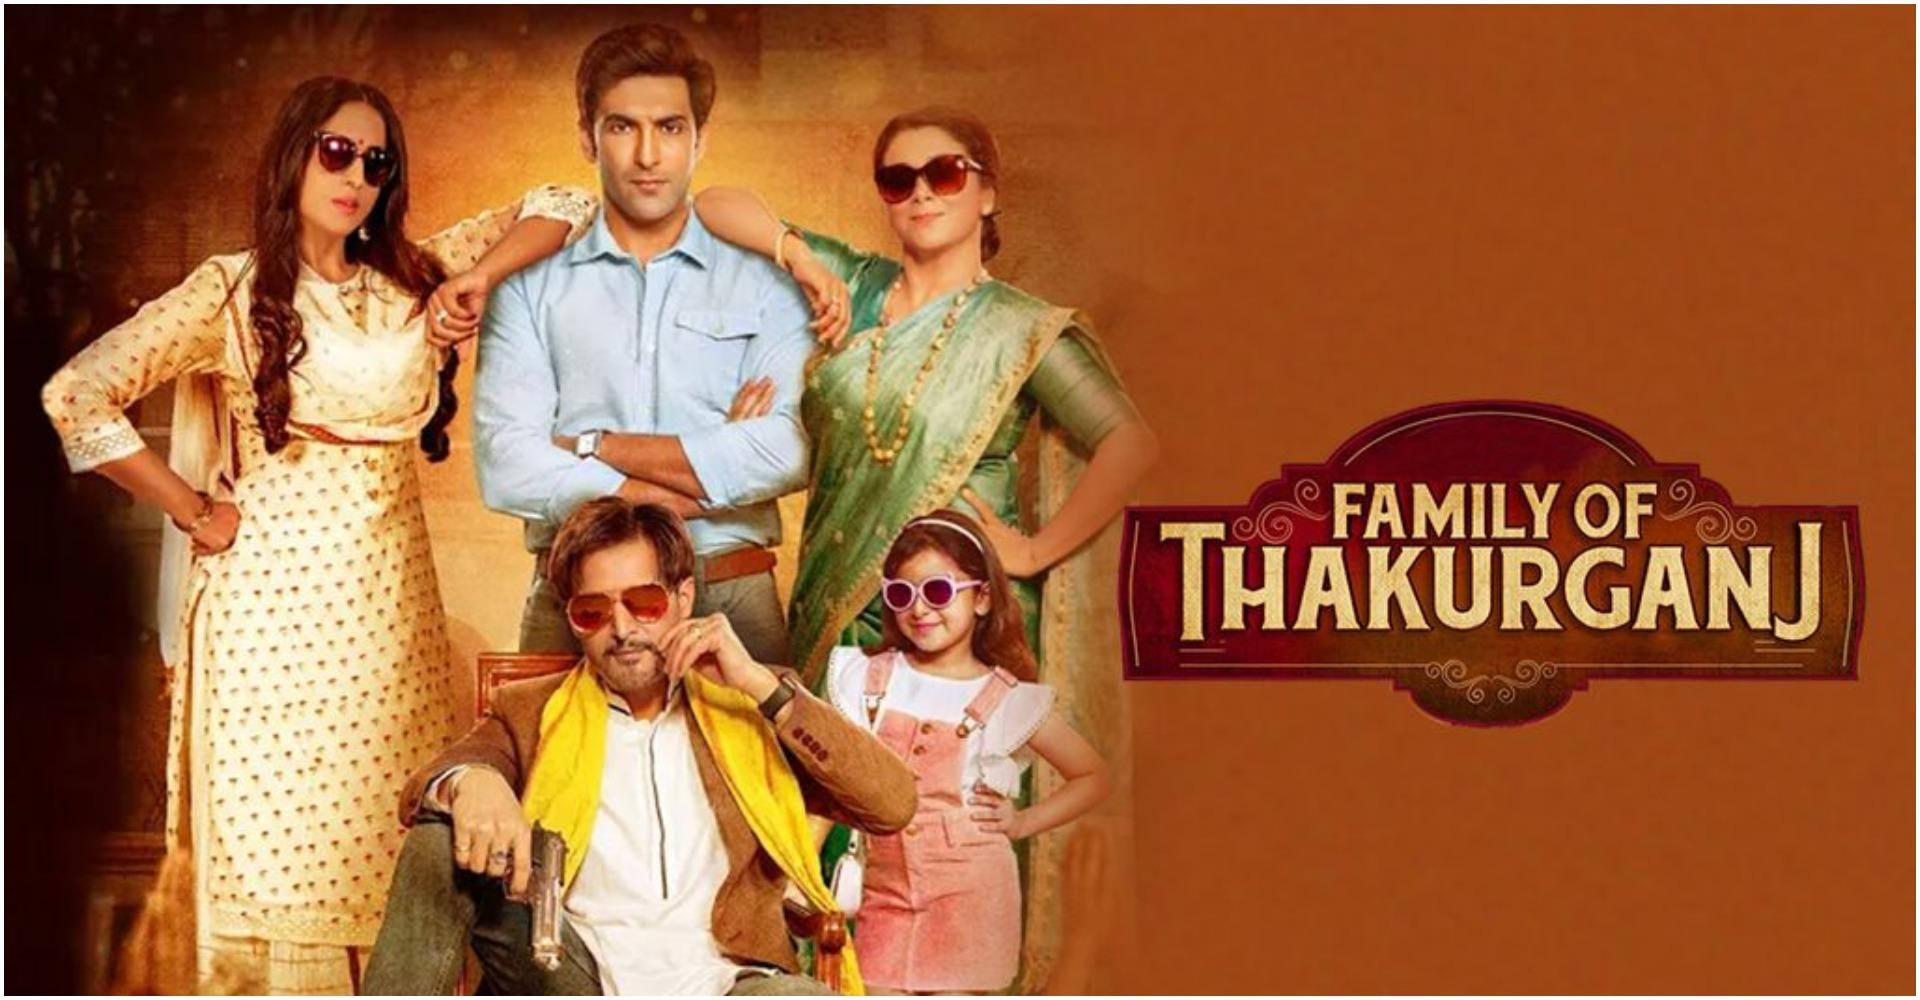 Family of Thakurganj Review: फॅमिली ऑफ ठाकुरगंज की कहानी कमजोर लगी, किरदारों की धड़ाधड़ एंट्री ने चकरा दिया